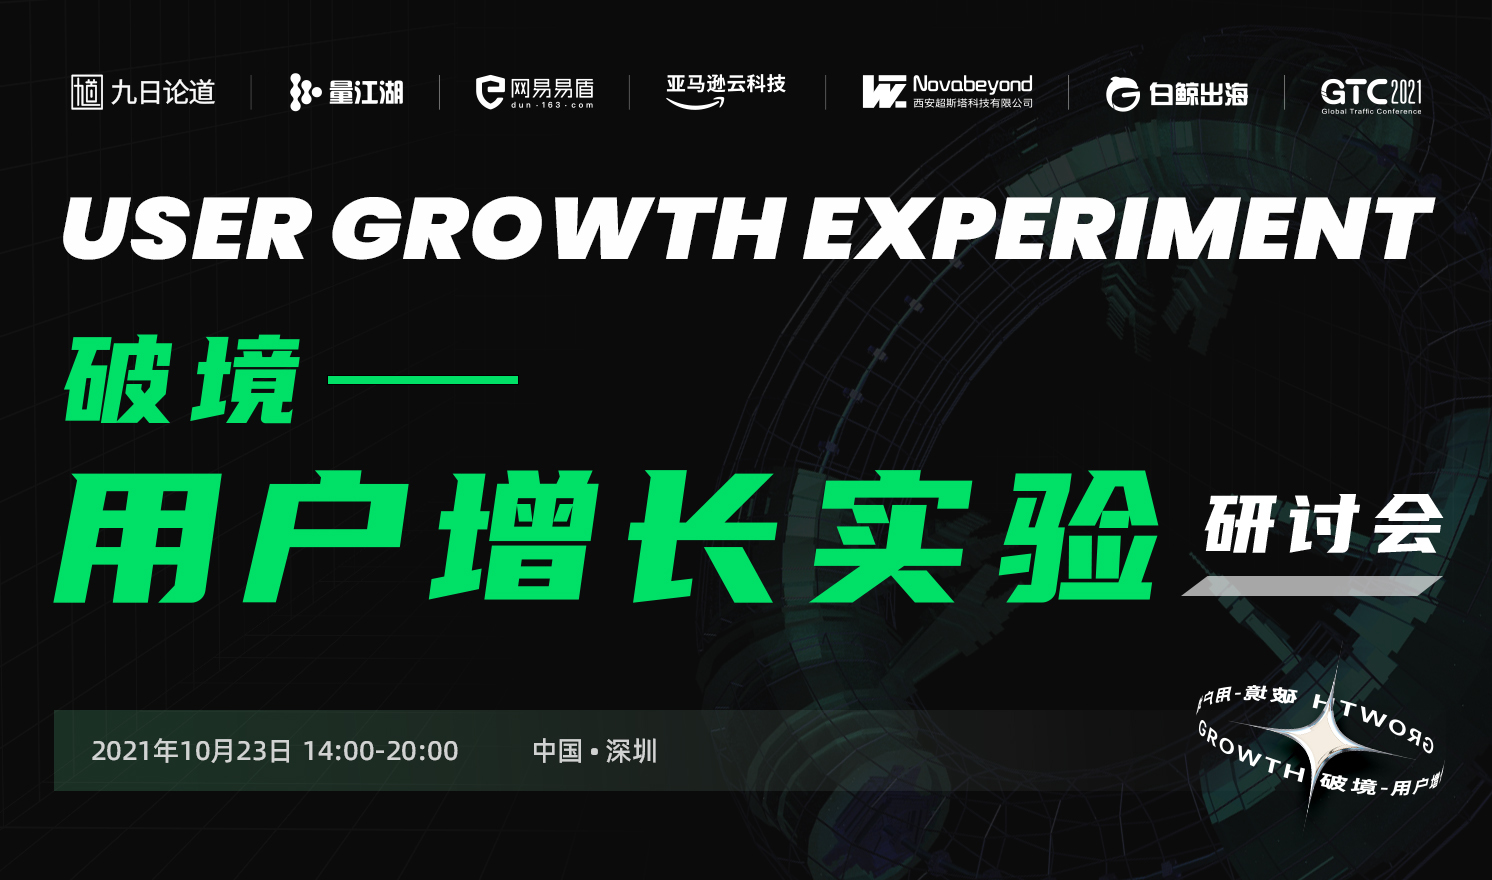 破境—用户增长实验研讨会(2021-10-23)